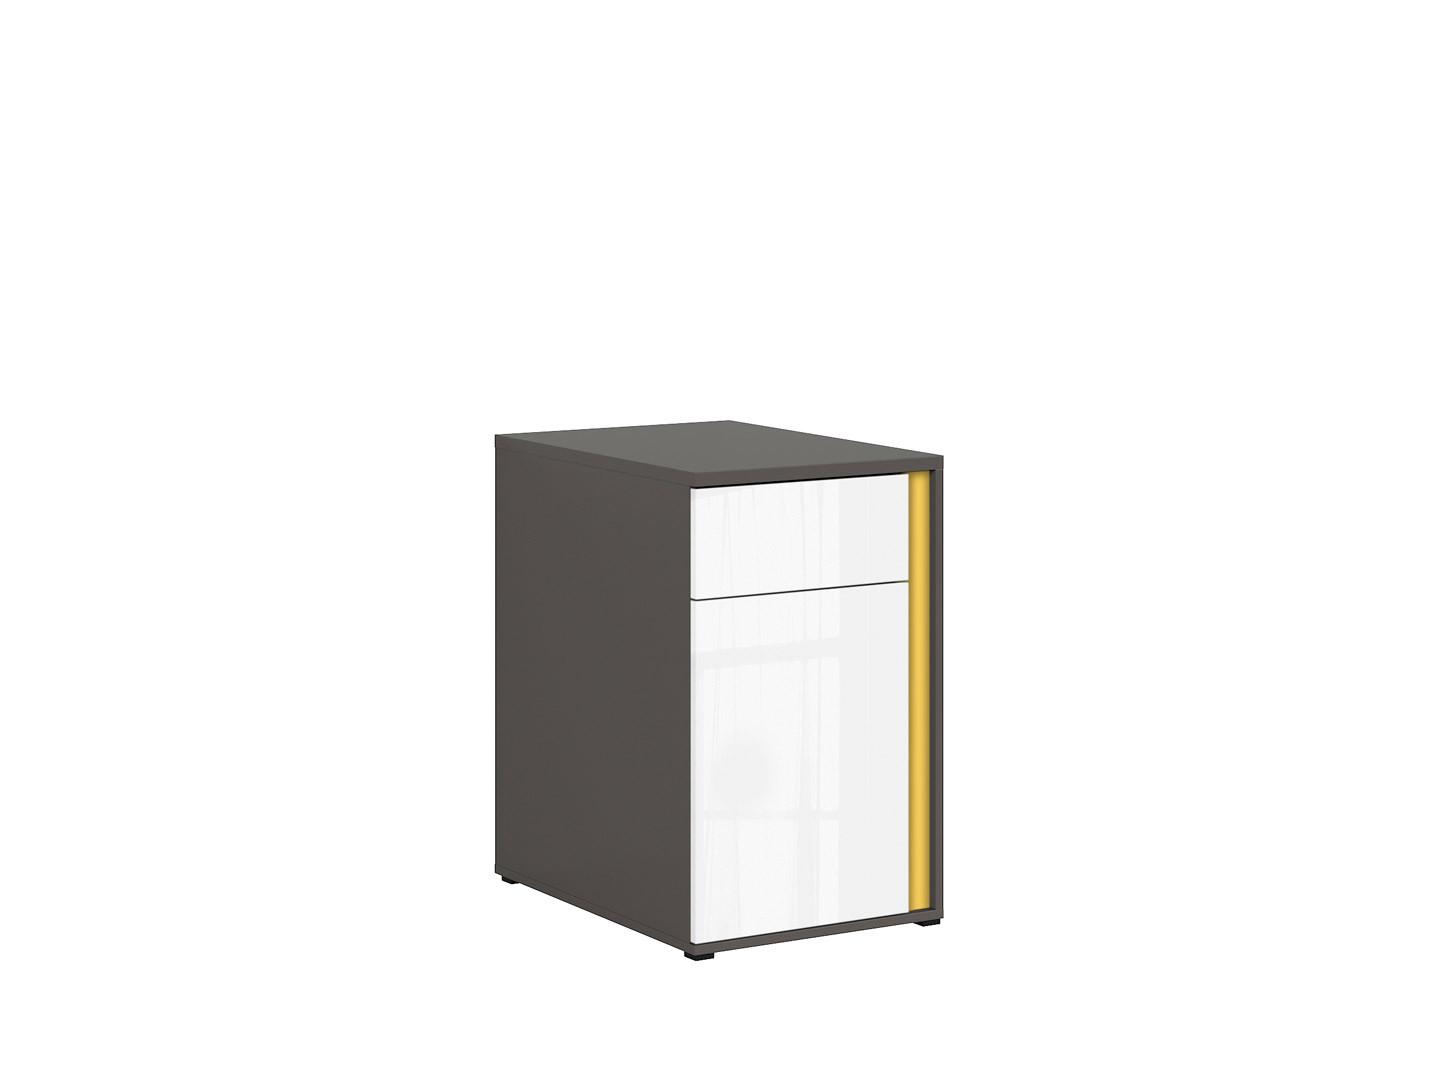 Skrinka GRAPHIC KOM1D1SL/C sivý wolfram/biely zrkadlový lesk